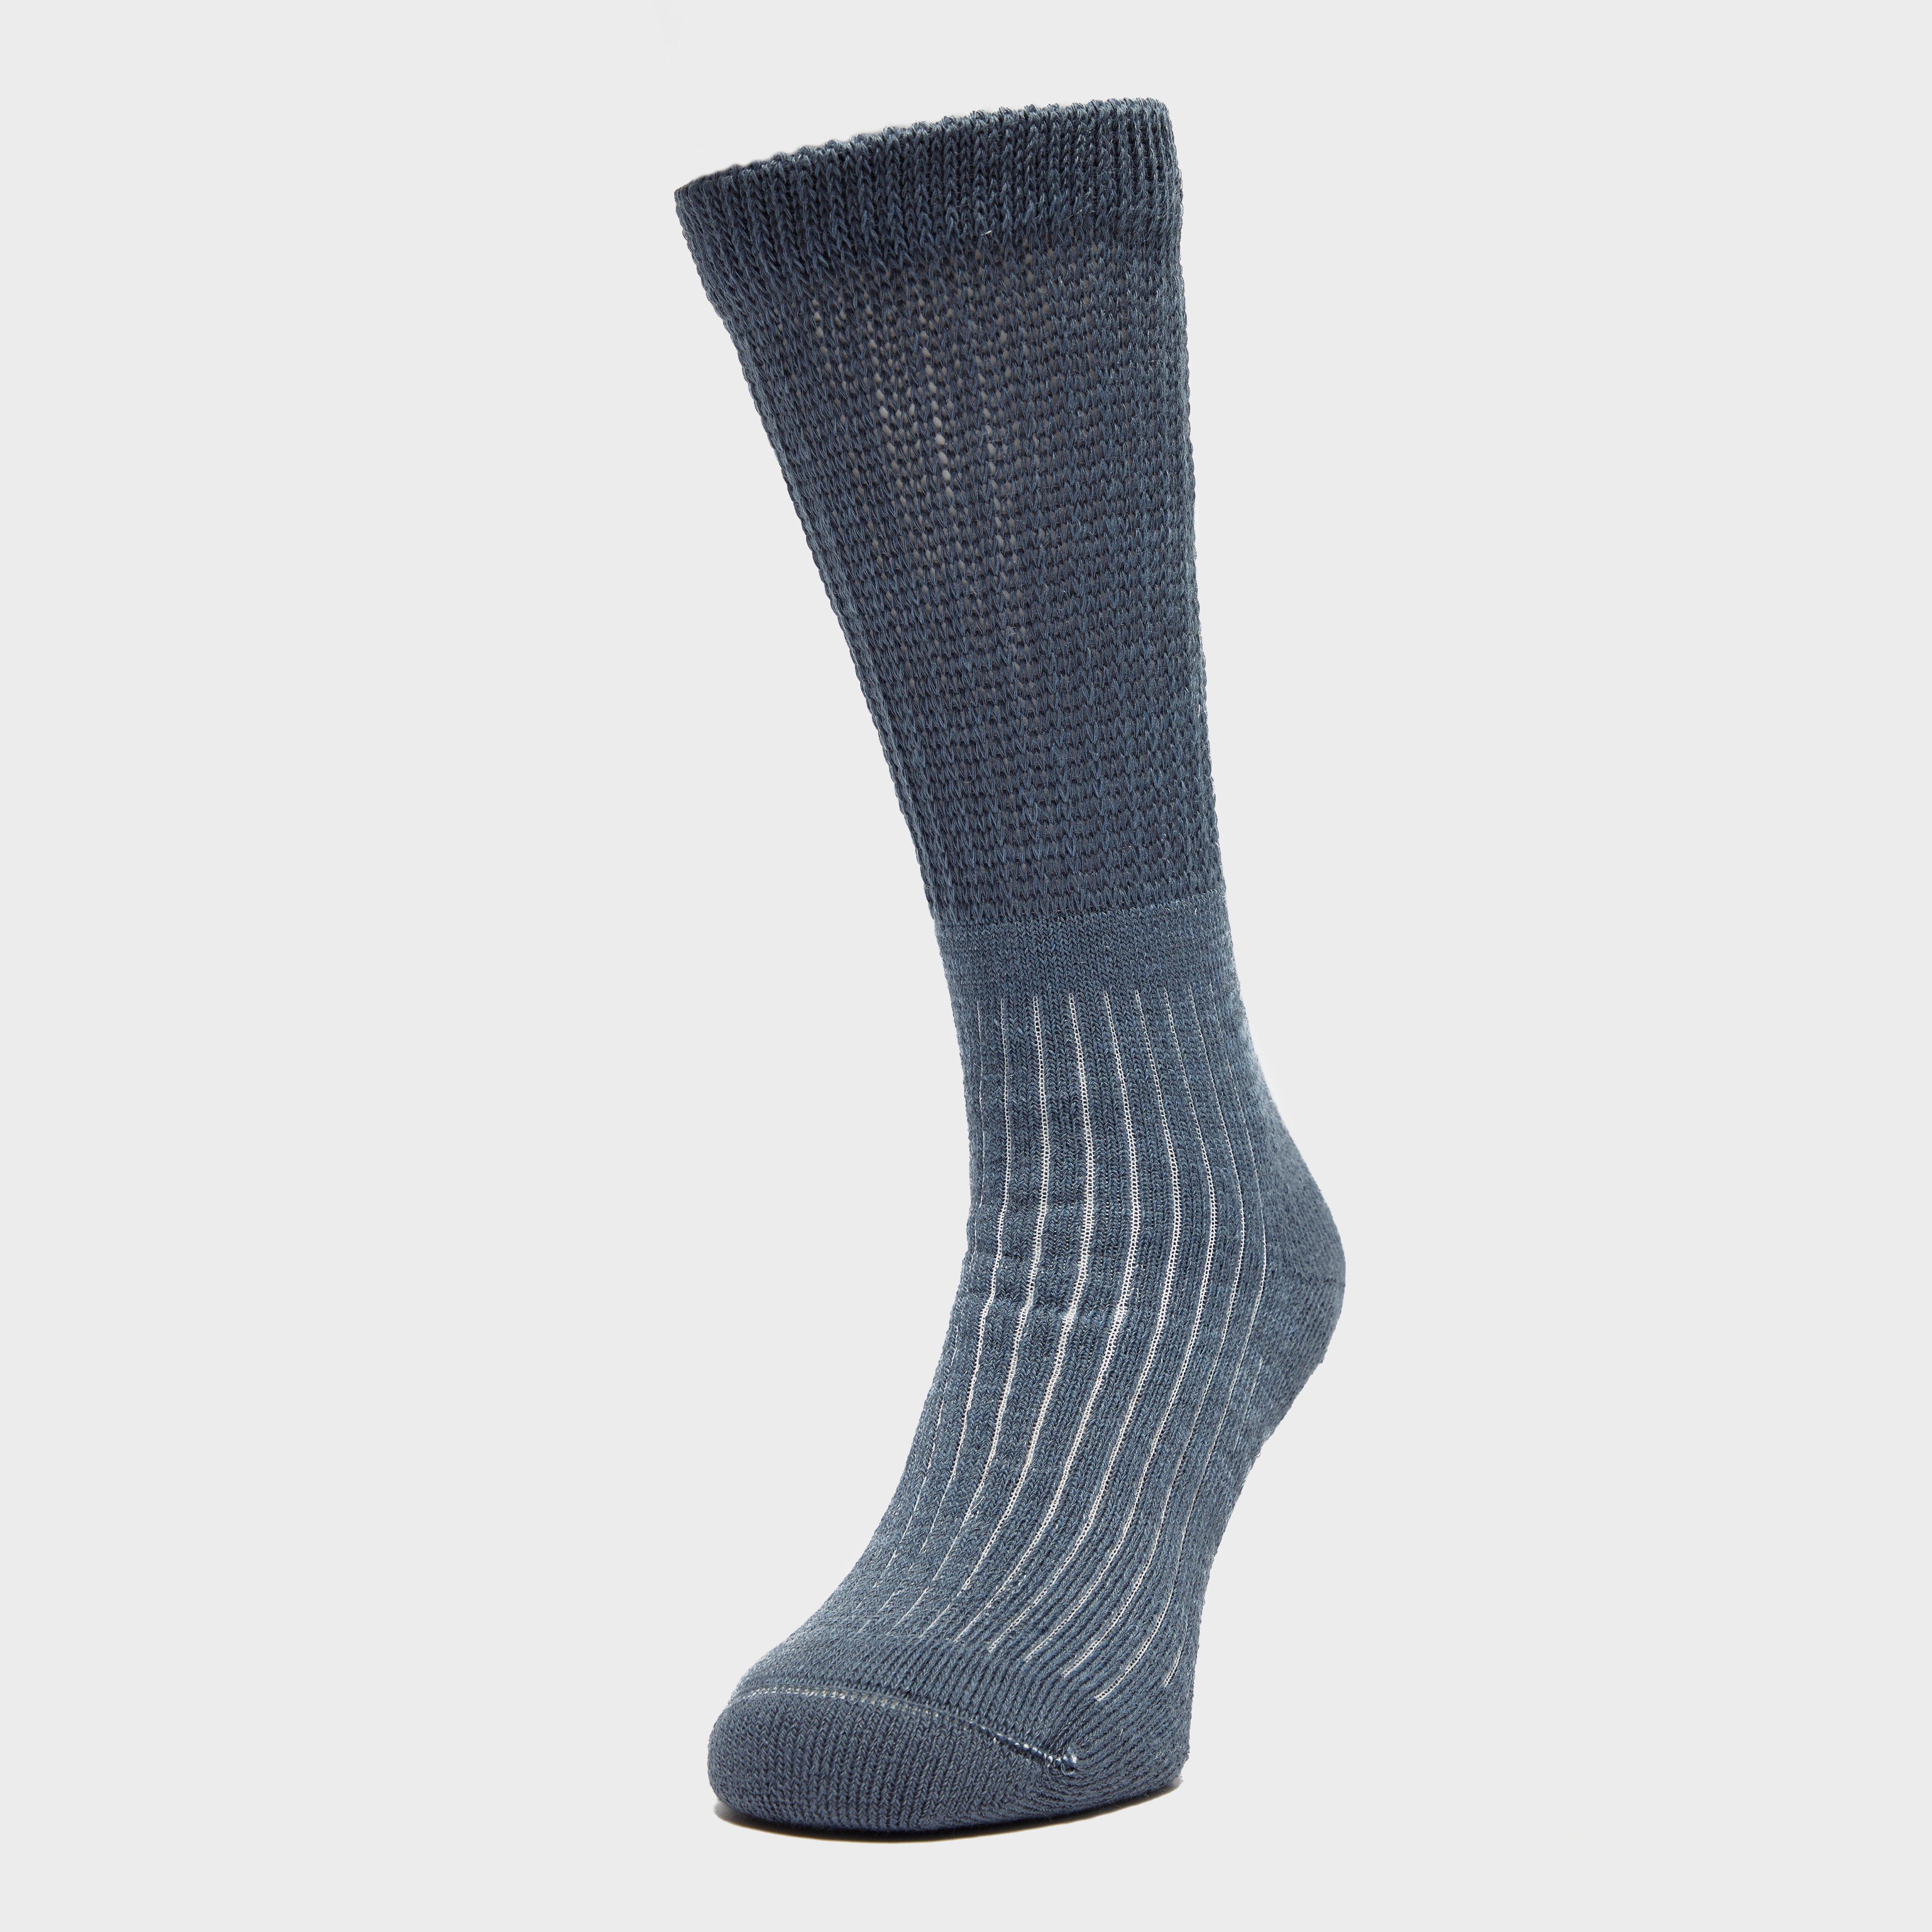 Brasher Brasher Womens Hiker Socks - Blue, Blue